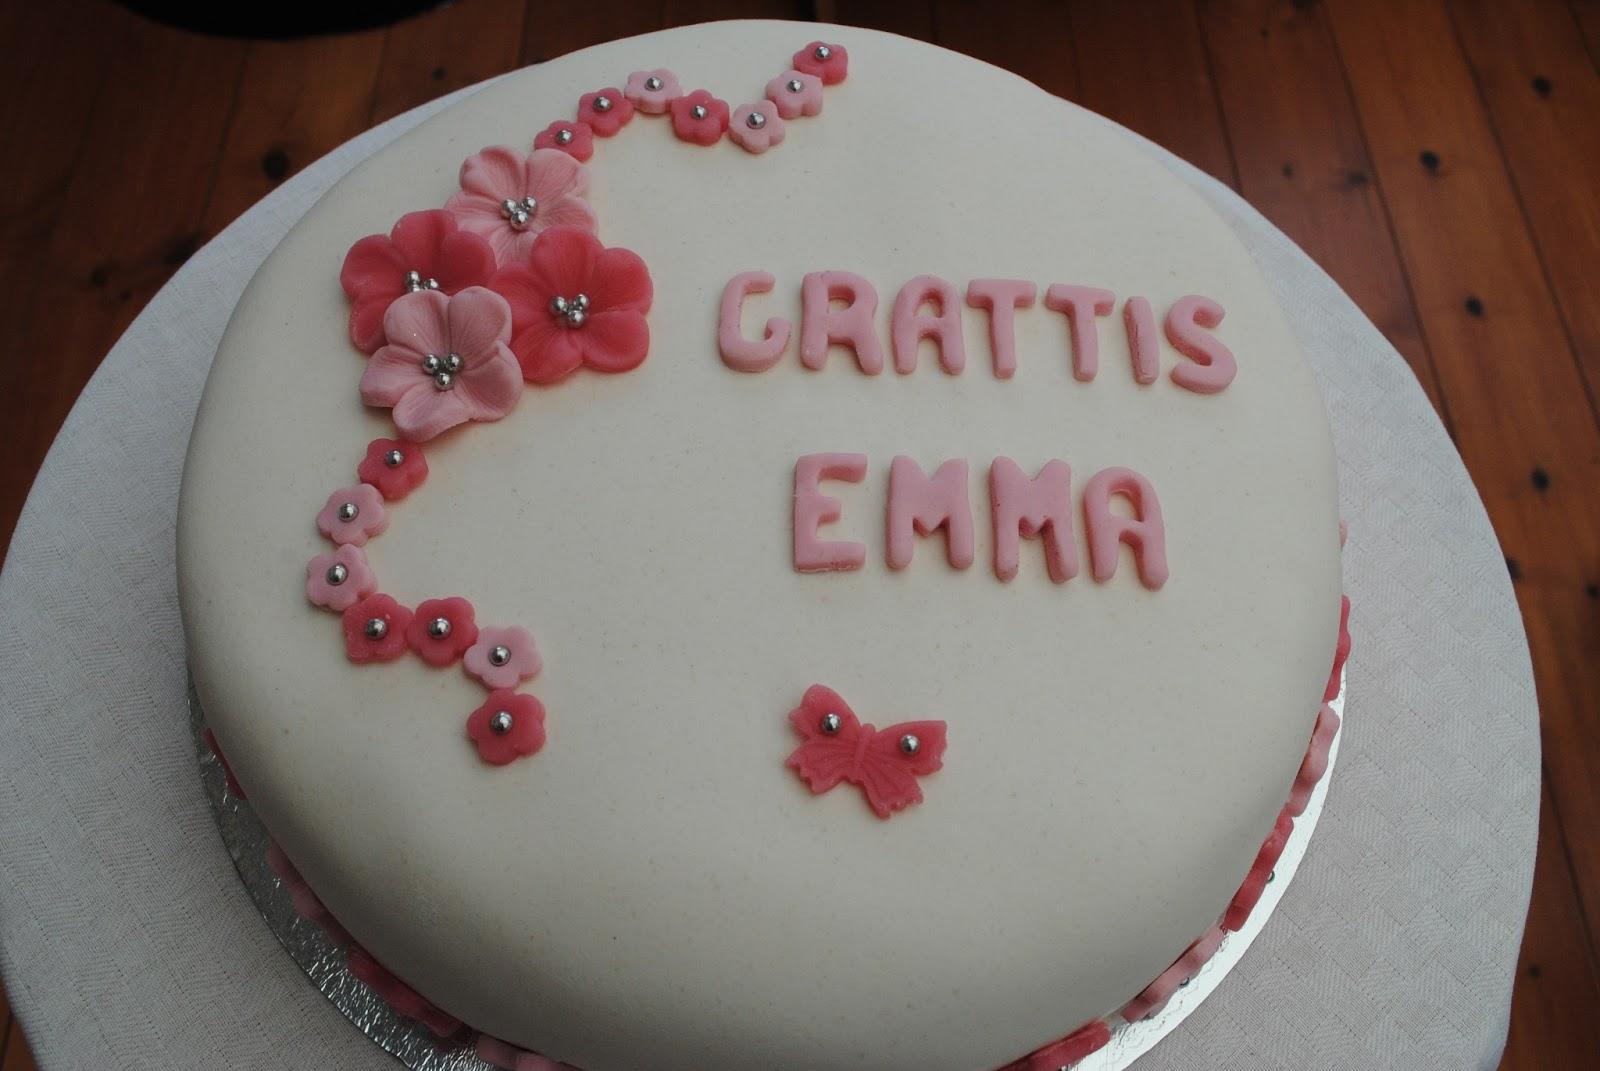 grattis emma Viktorias Bakverk: Emmas födelsdag grattis emma